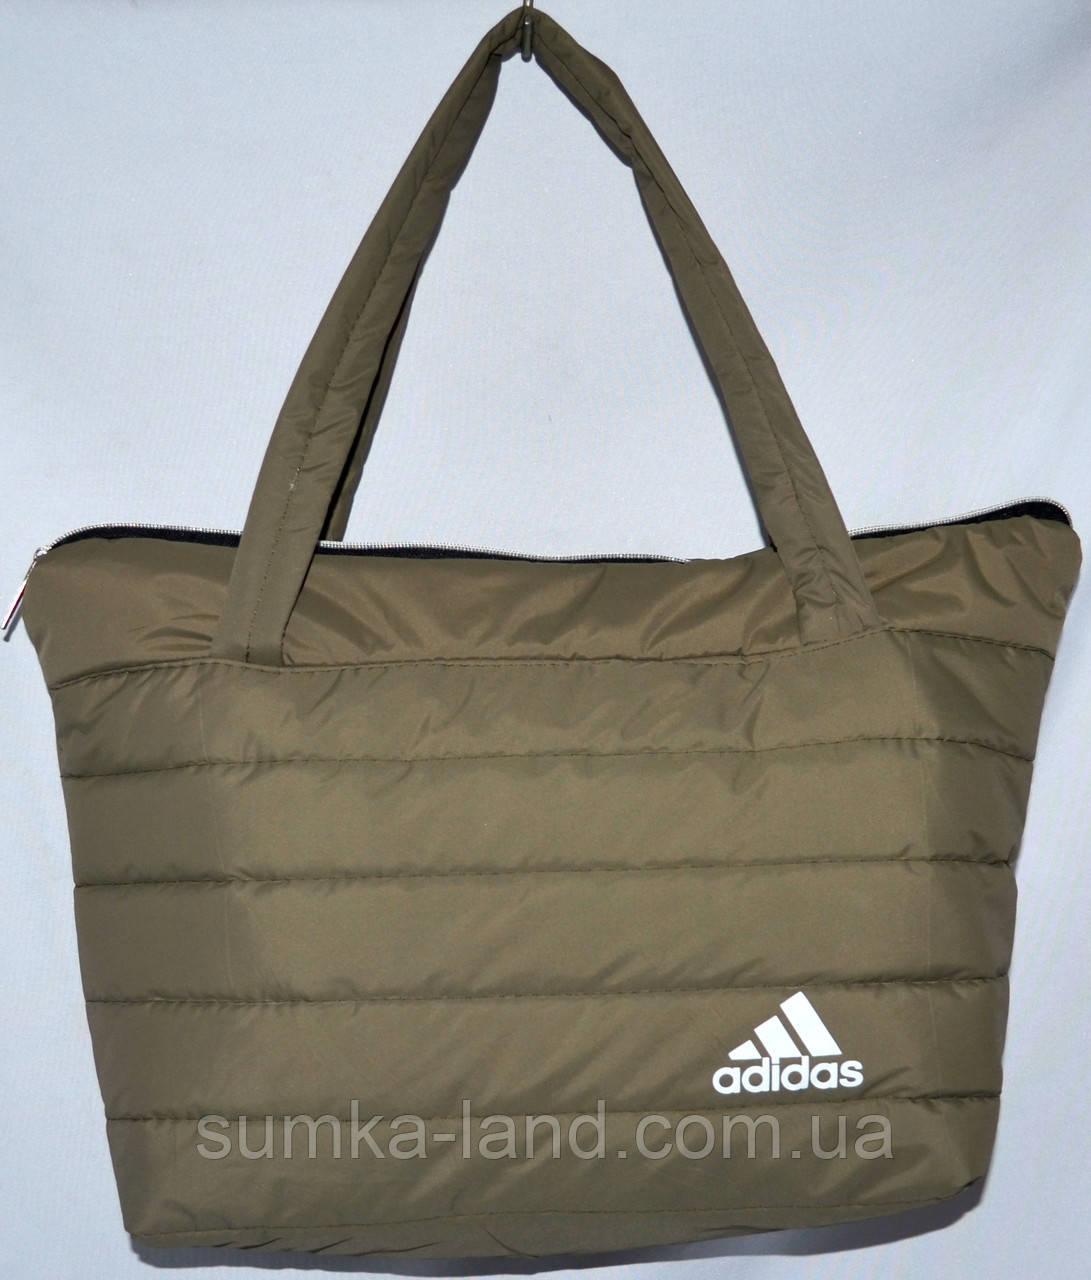 Женские спортивны сумки (ХАКИ)